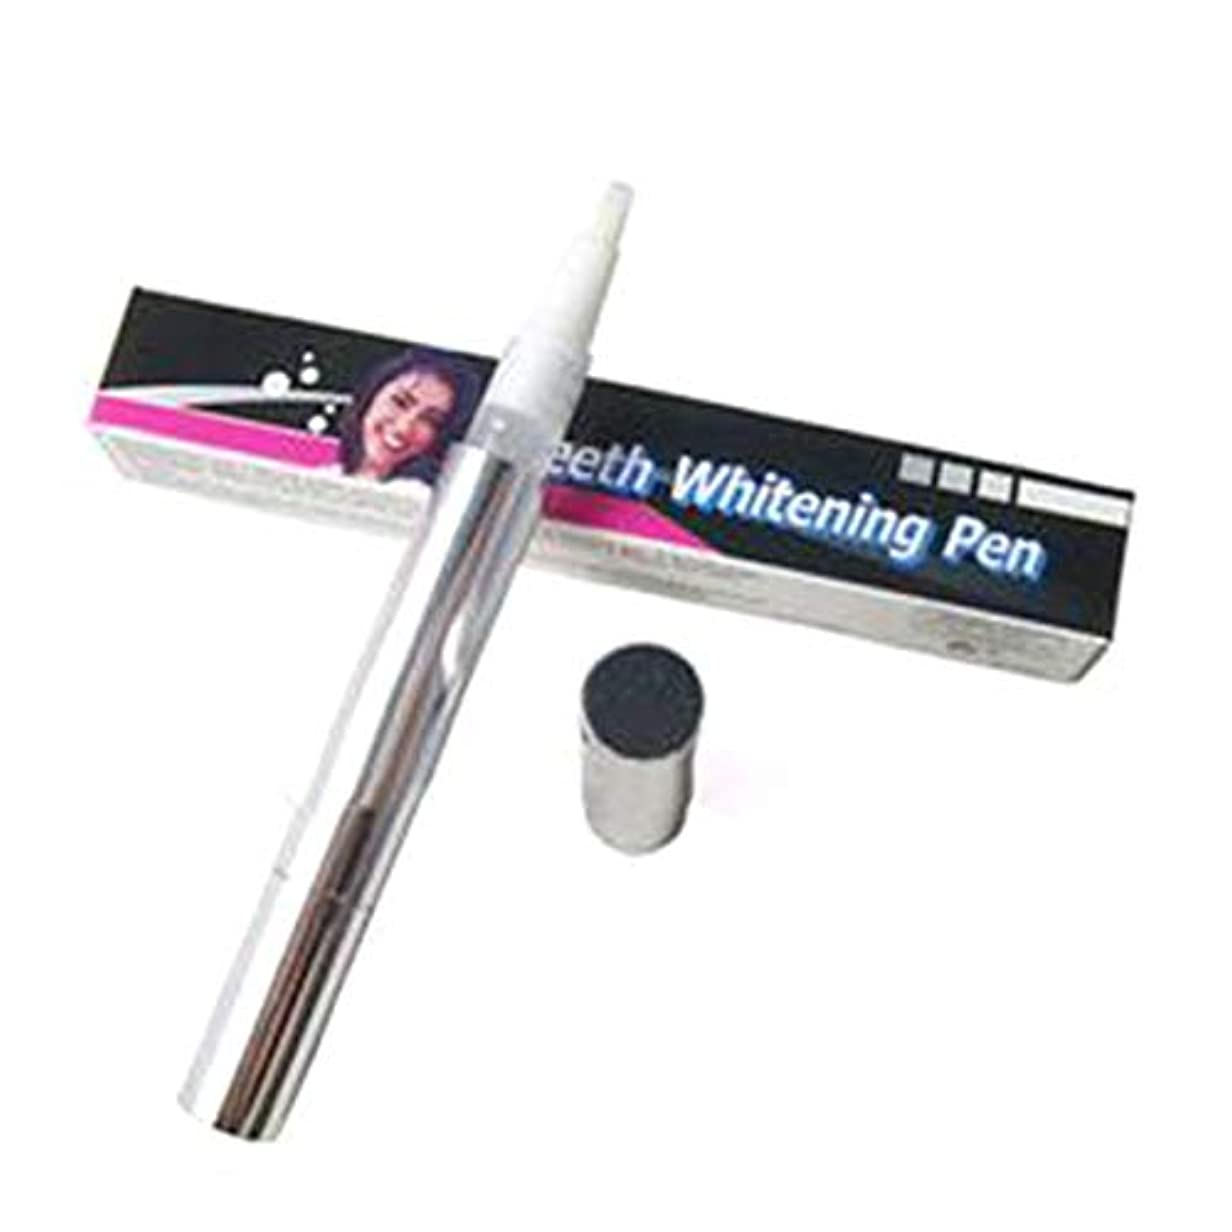 栄光イブニングとても多くのペンホワイトニングペン強力な汚れ消しゴム除去速い漂白歯ジェルホワイトナー歯科口腔衛生用品 - シルバー